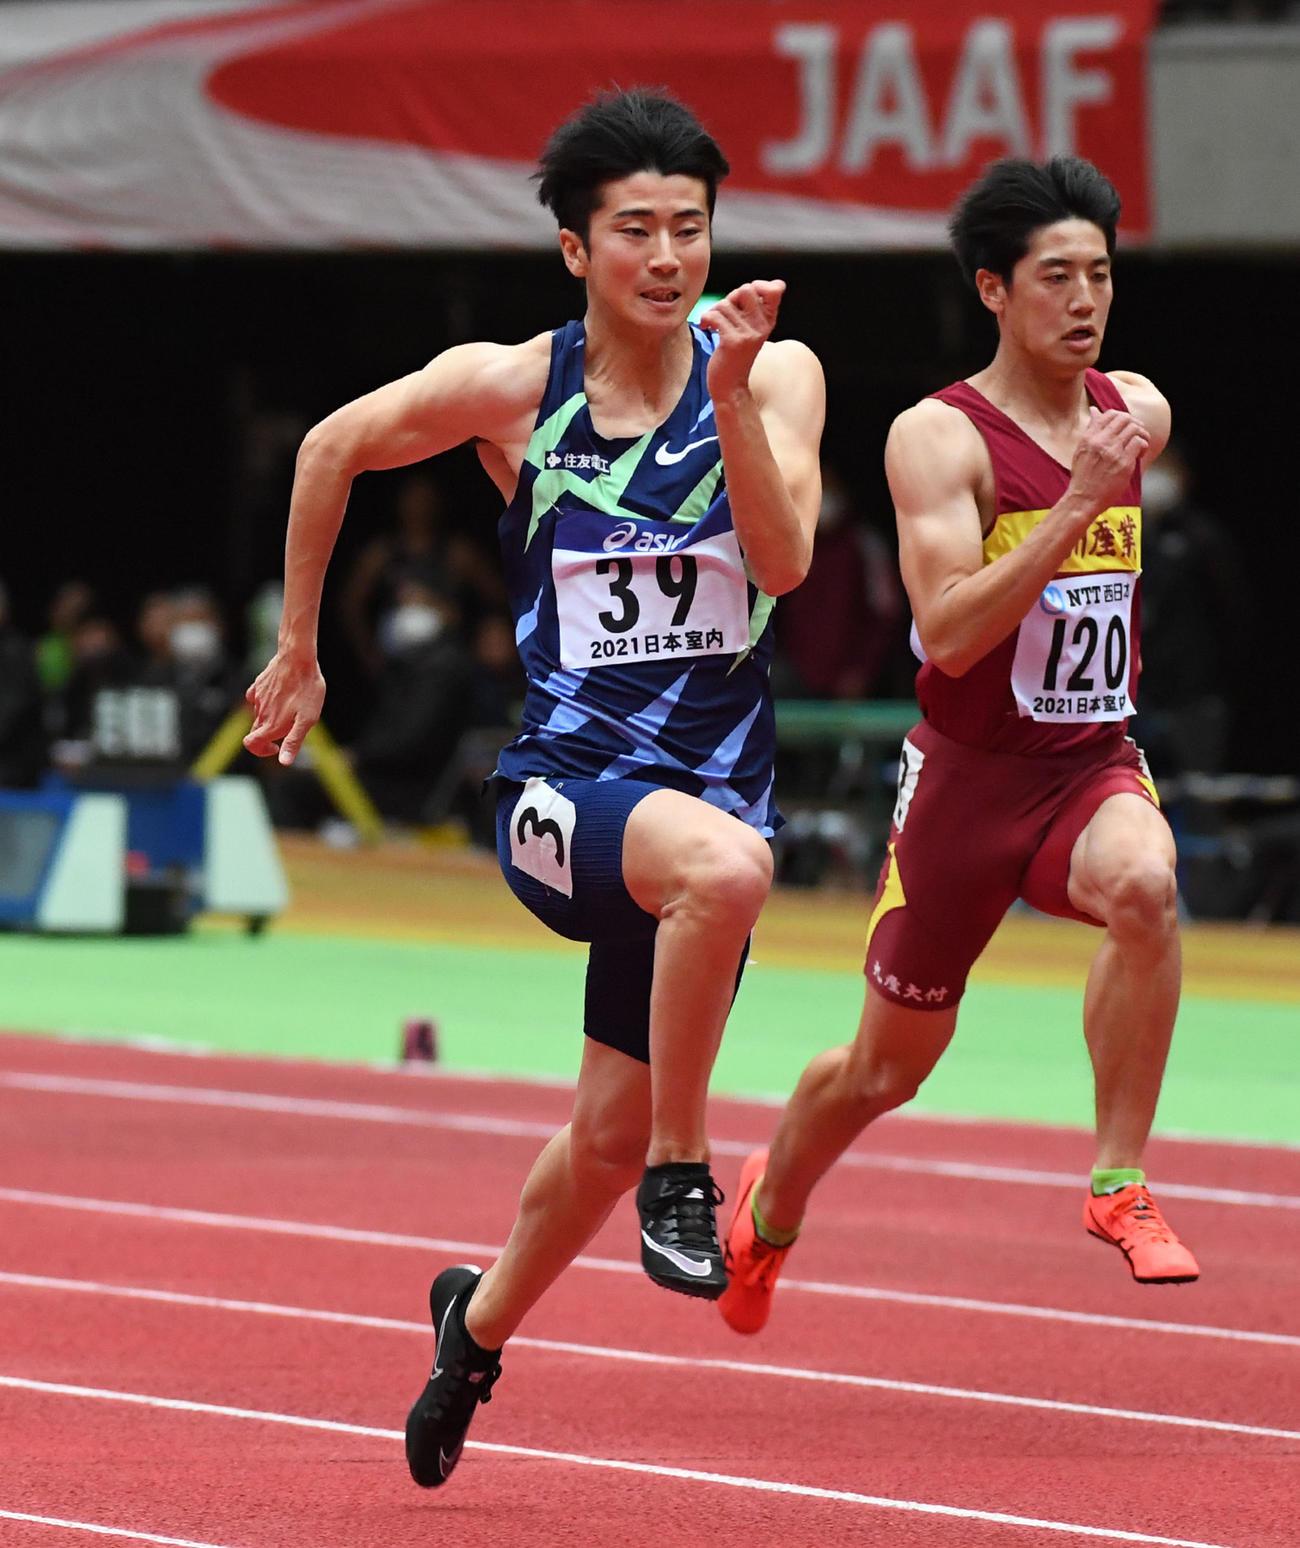 男子60メートル予選で大会新記録をマークした多田修平(撮影・前岡正明)